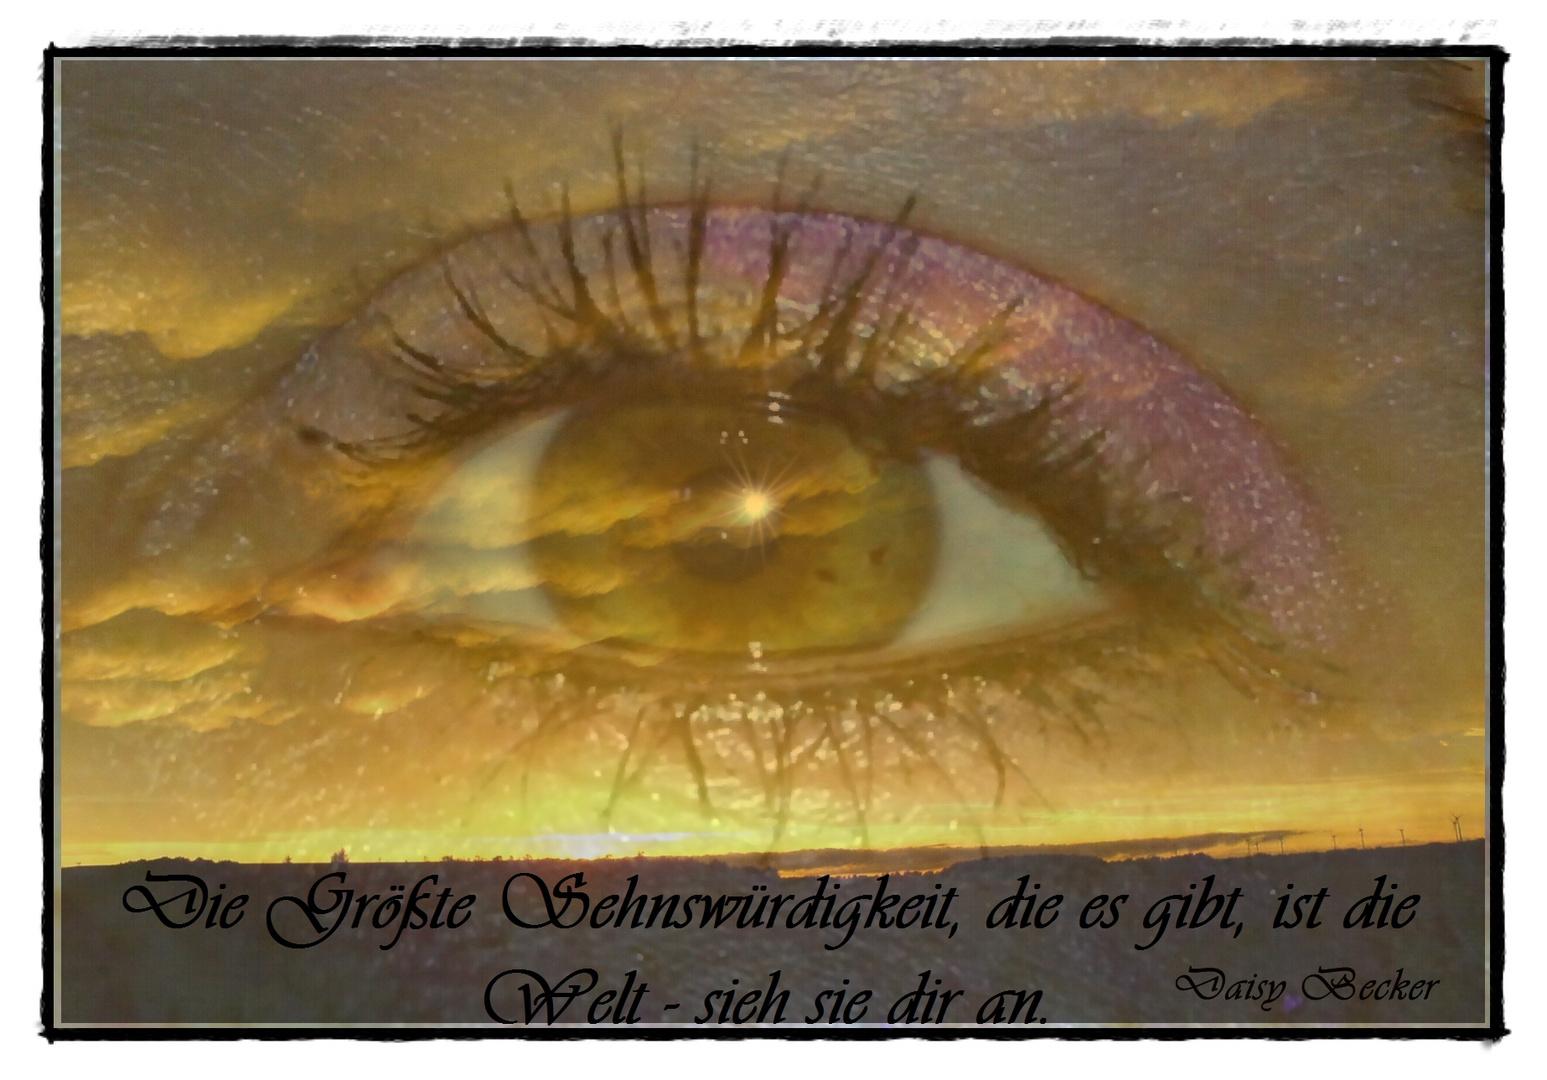 Schönheit liegt im Auge des Betrachters.